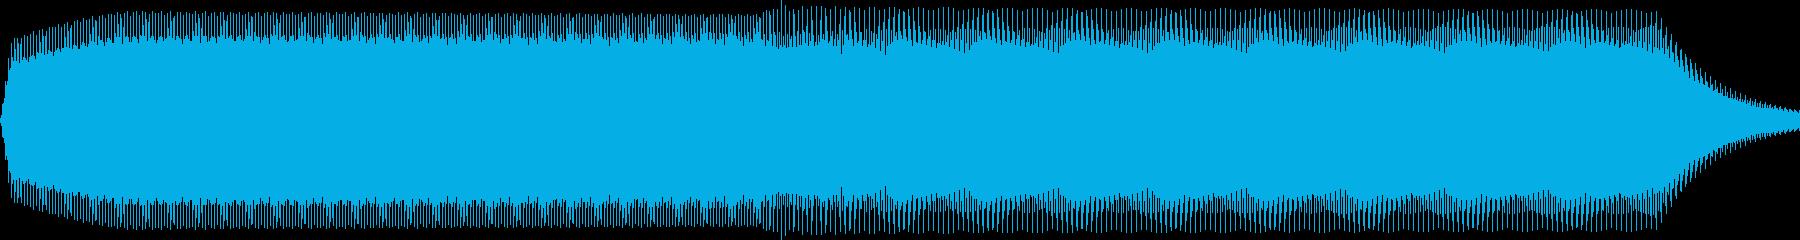 汎用ボタン7 ページ送り・セット等の再生済みの波形